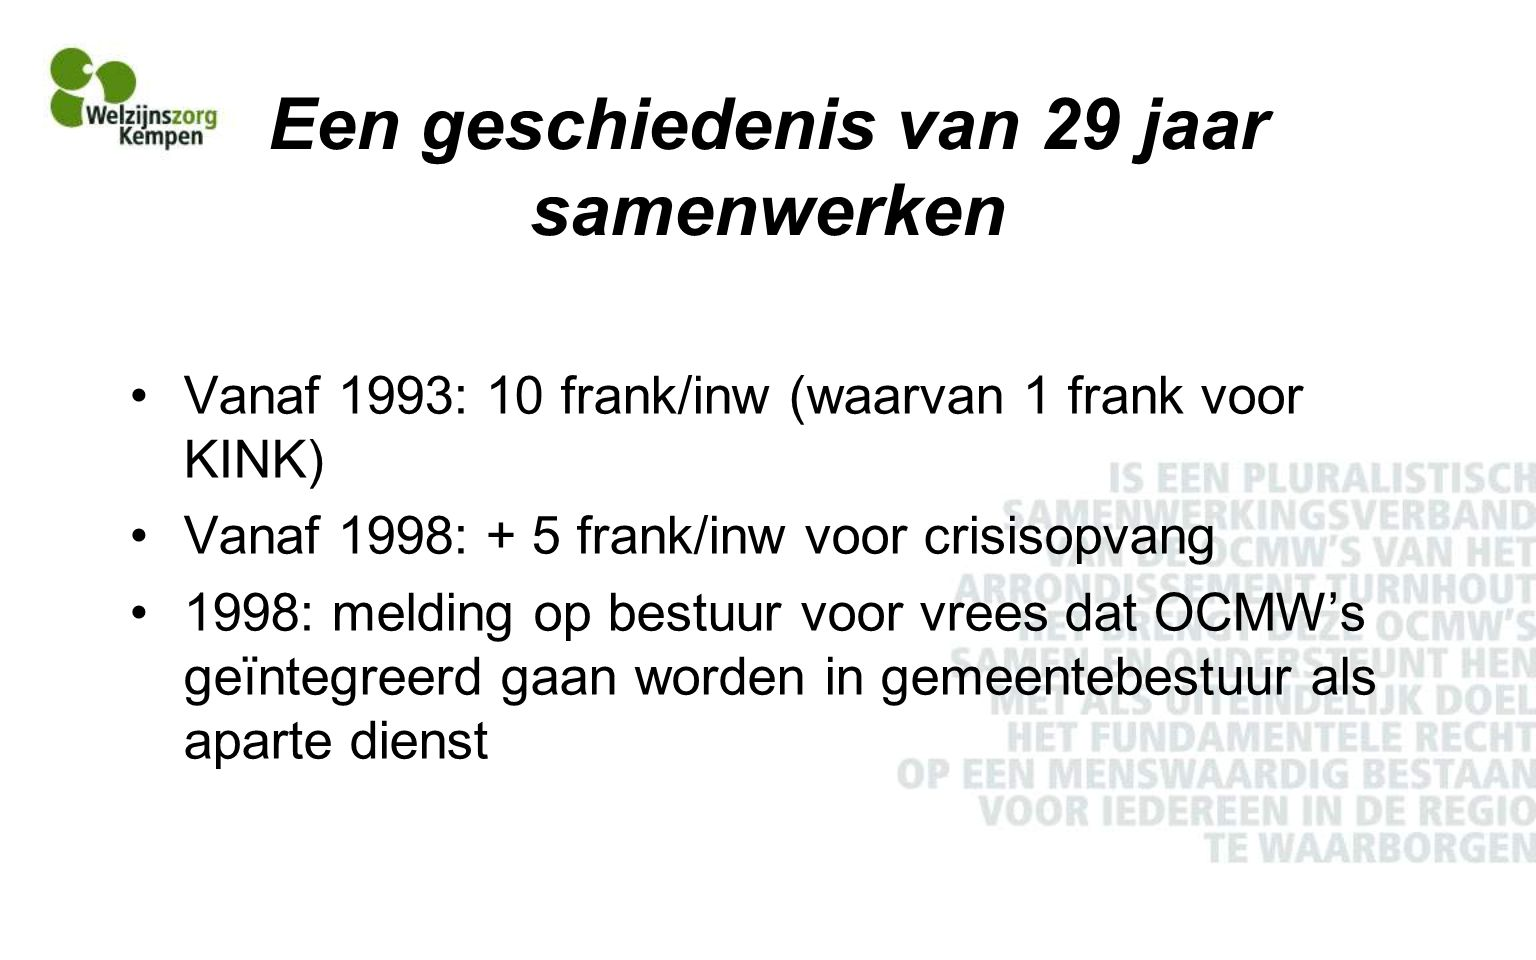 Een geschiedenis van 29 jaar samenwerken Vanaf 1993: 10 frank/inw (waarvan 1 frank voor KINK) Vanaf 1998: + 5 frank/inw voor crisisopvang 1998: melding op bestuur voor vrees dat OCMW's geïntegreerd gaan worden in gemeentebestuur als aparte dienst